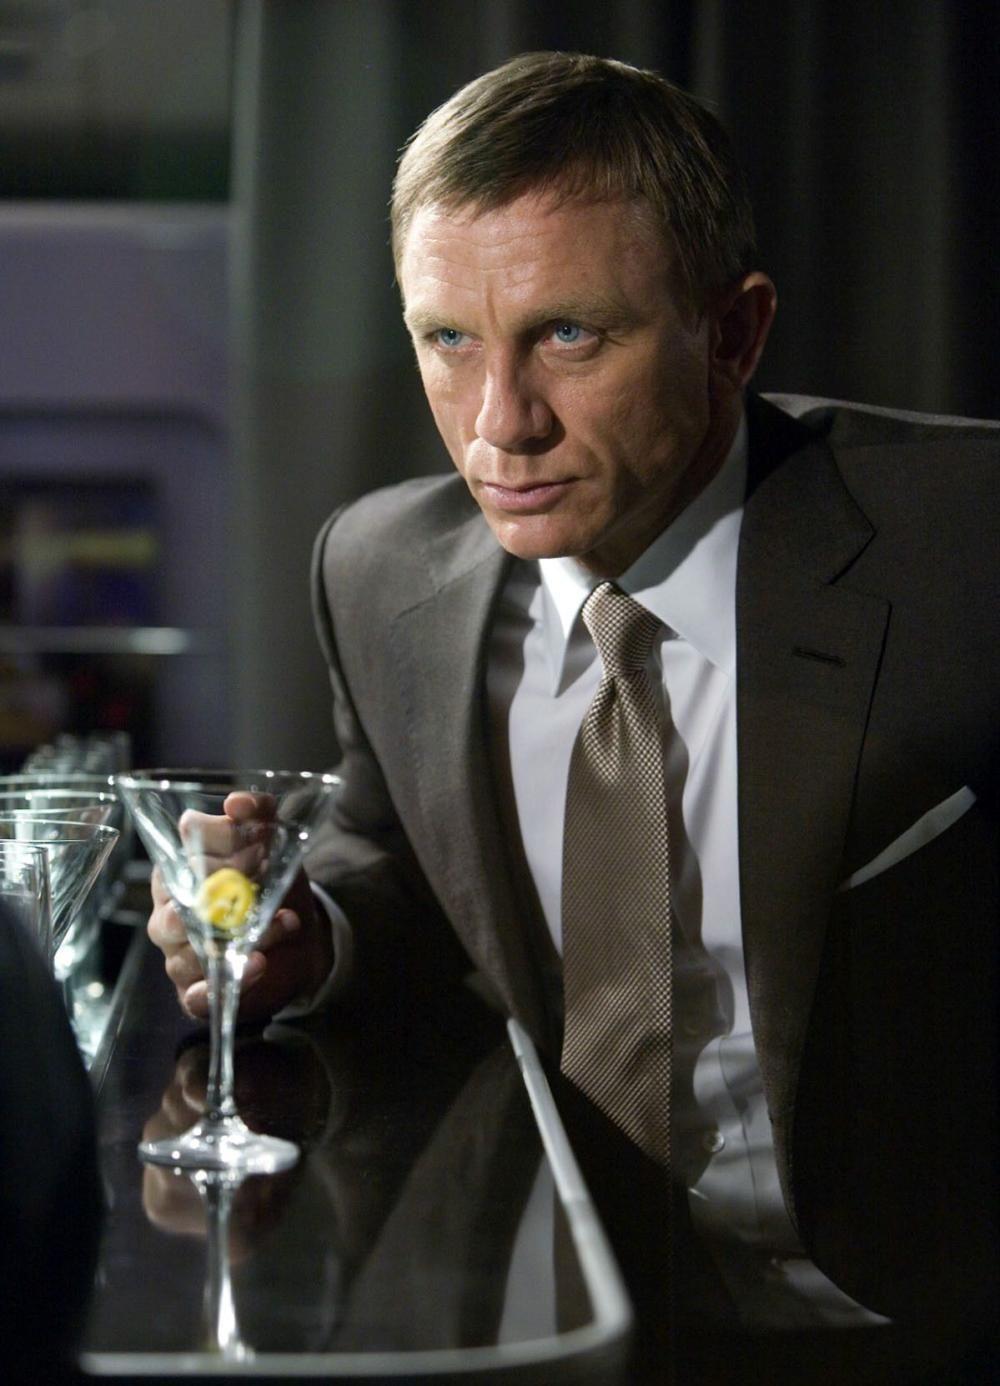 Напитки бонда в казино рояль как играть на картах на прохождение в майнкрафт с друзьями